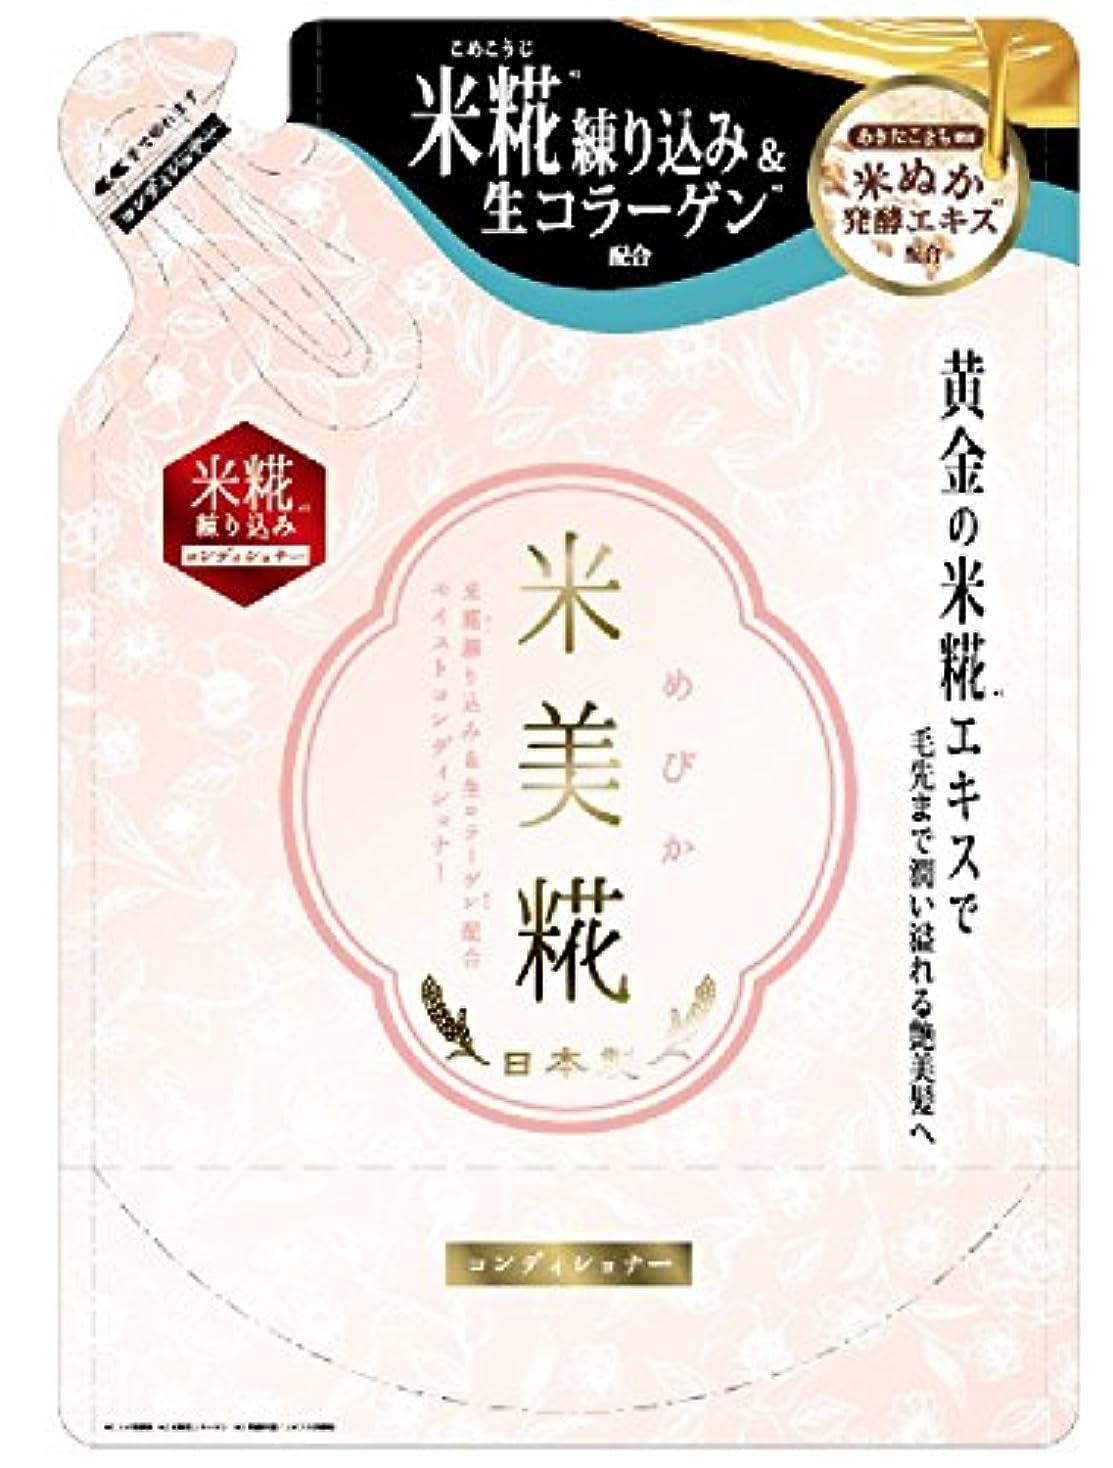 テレマコスバットエロチック米美糀 モイストコンディショナー(替) 420ml